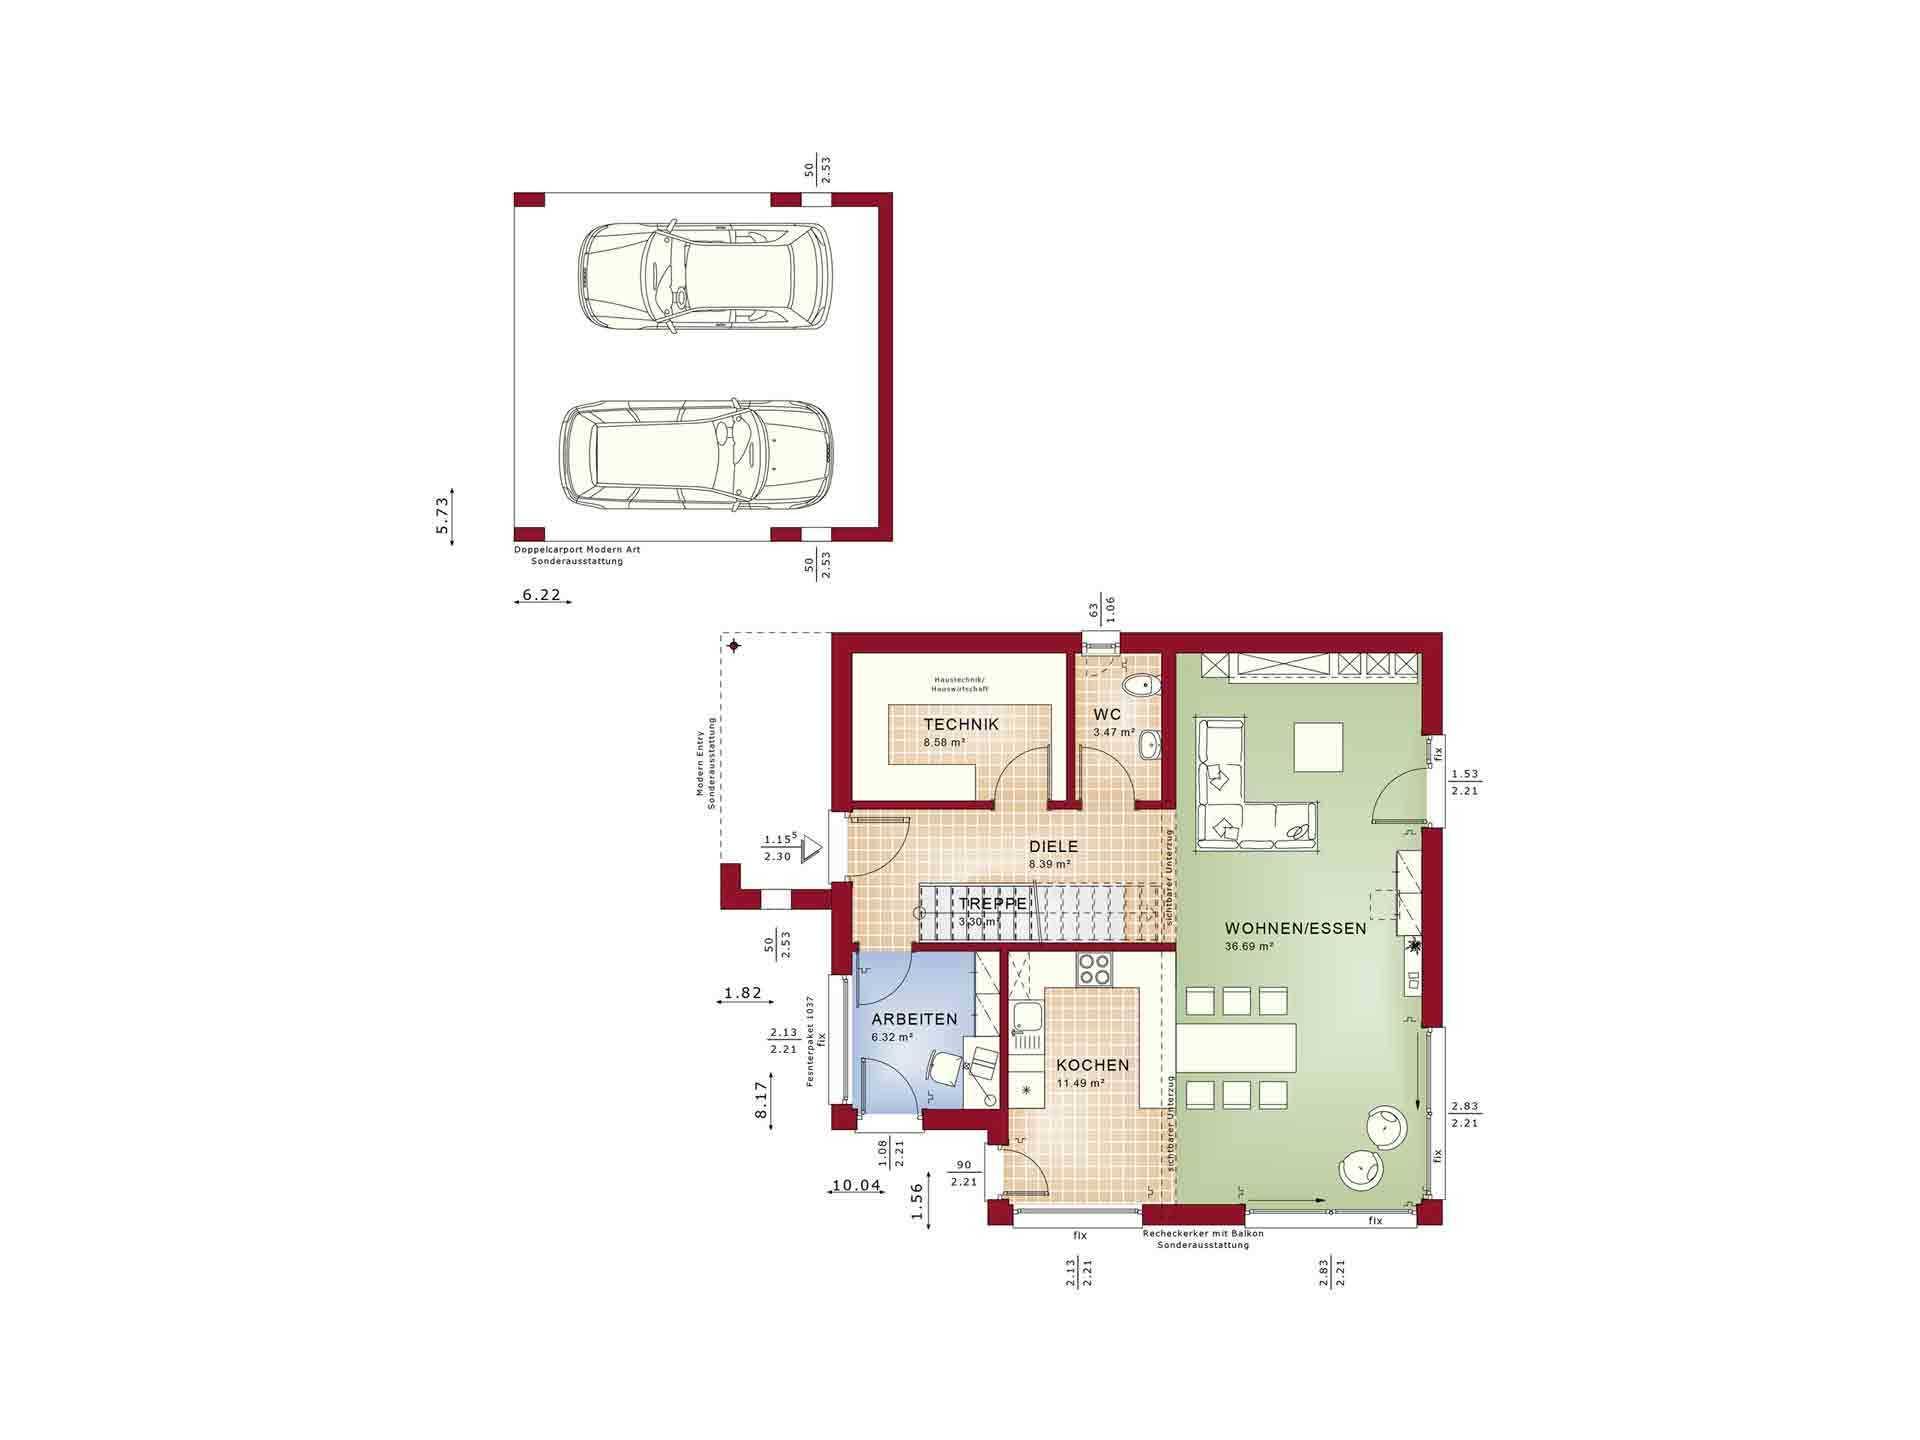 Evolution 134 v8 - Eine nahaufnahme von text auf einem weißen hintergrund - Gebäudeplan